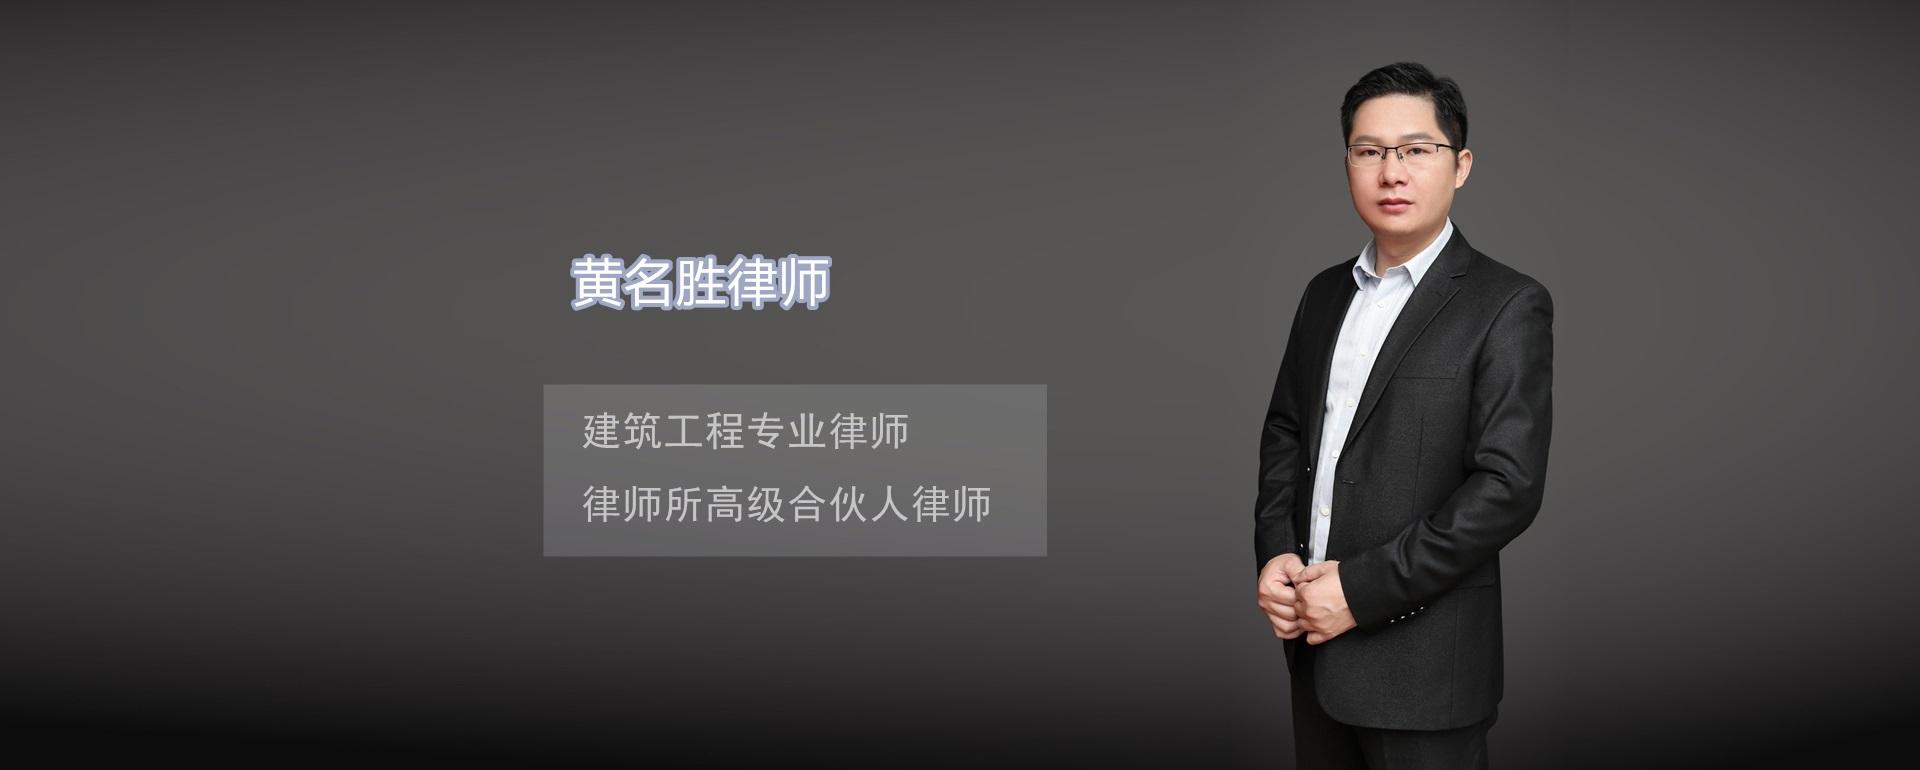 深圳建筑工程律师大图一